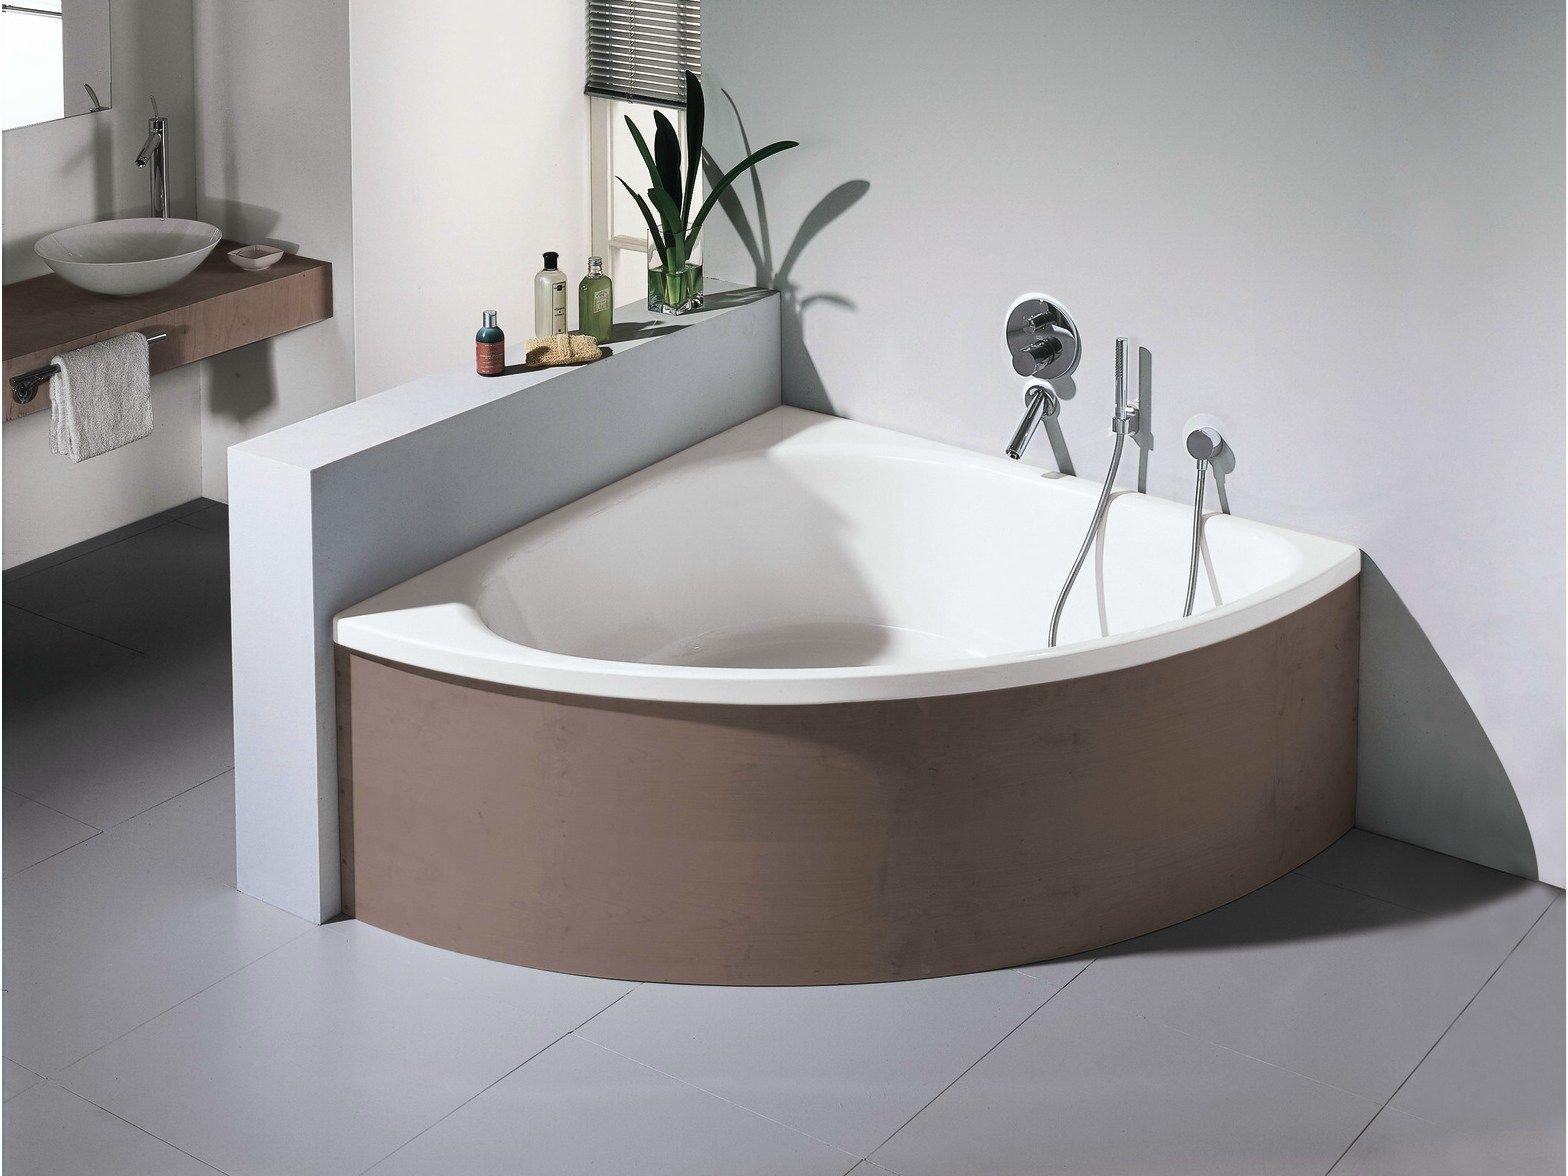 Perfect vasca da bagno angolare in acciaio smaltato - Misure standard vasche da bagno ...